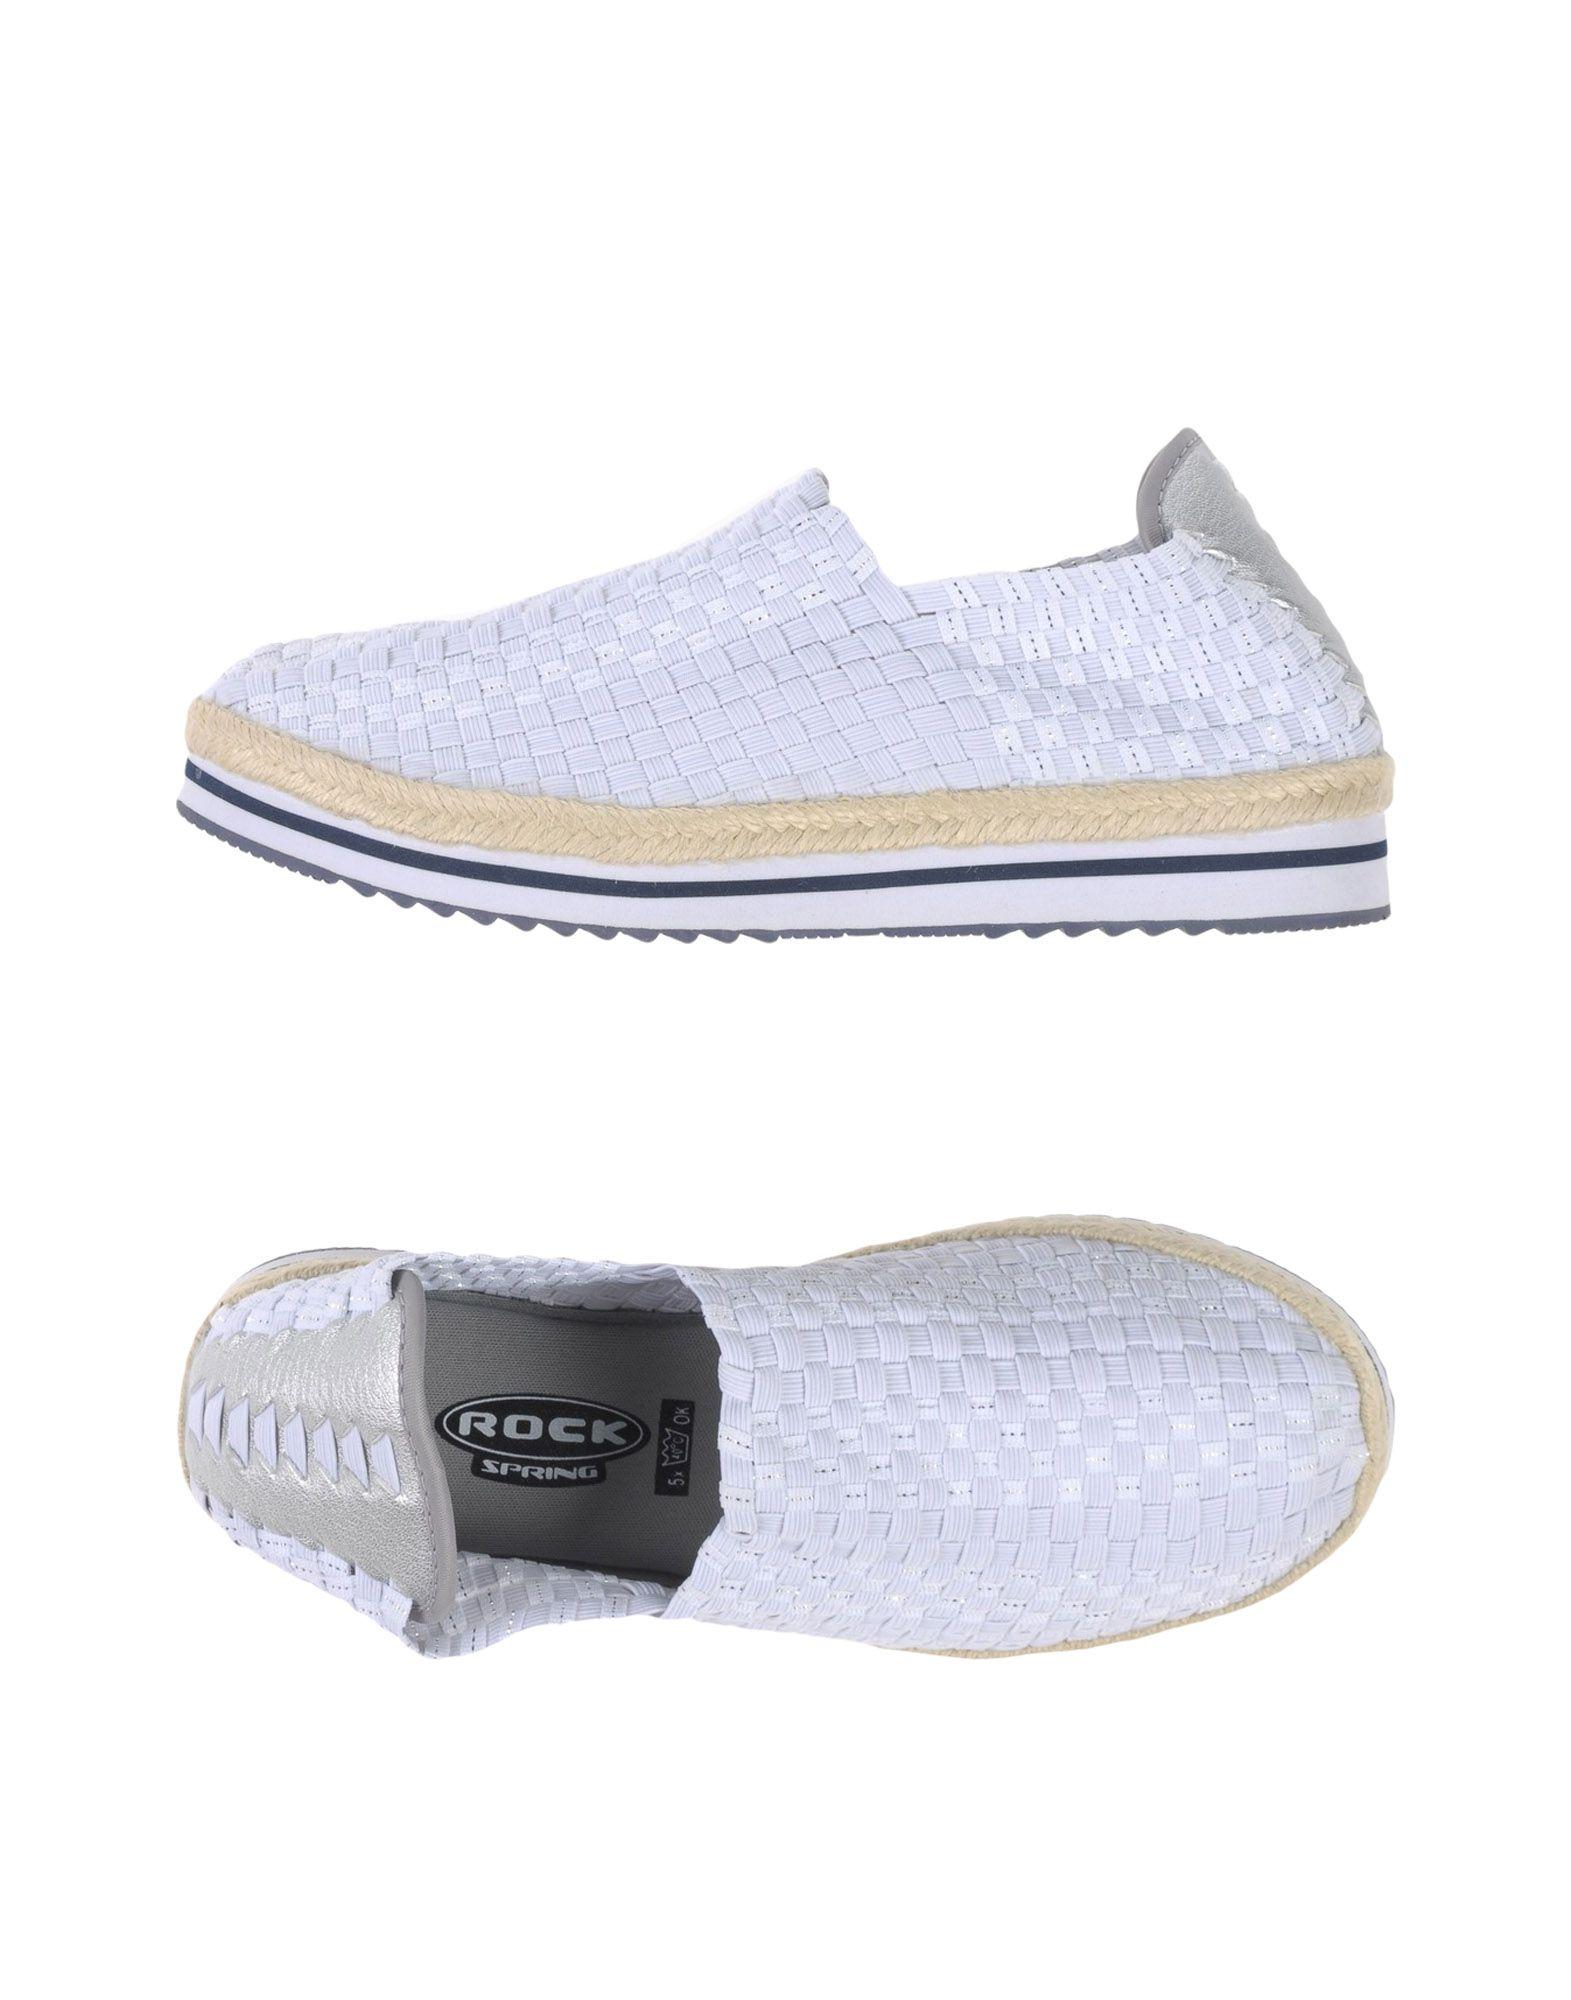 Rock Spring Sneakers Damen beliebte  11079739DA Gute Qualität beliebte Damen Schuhe 23aba7